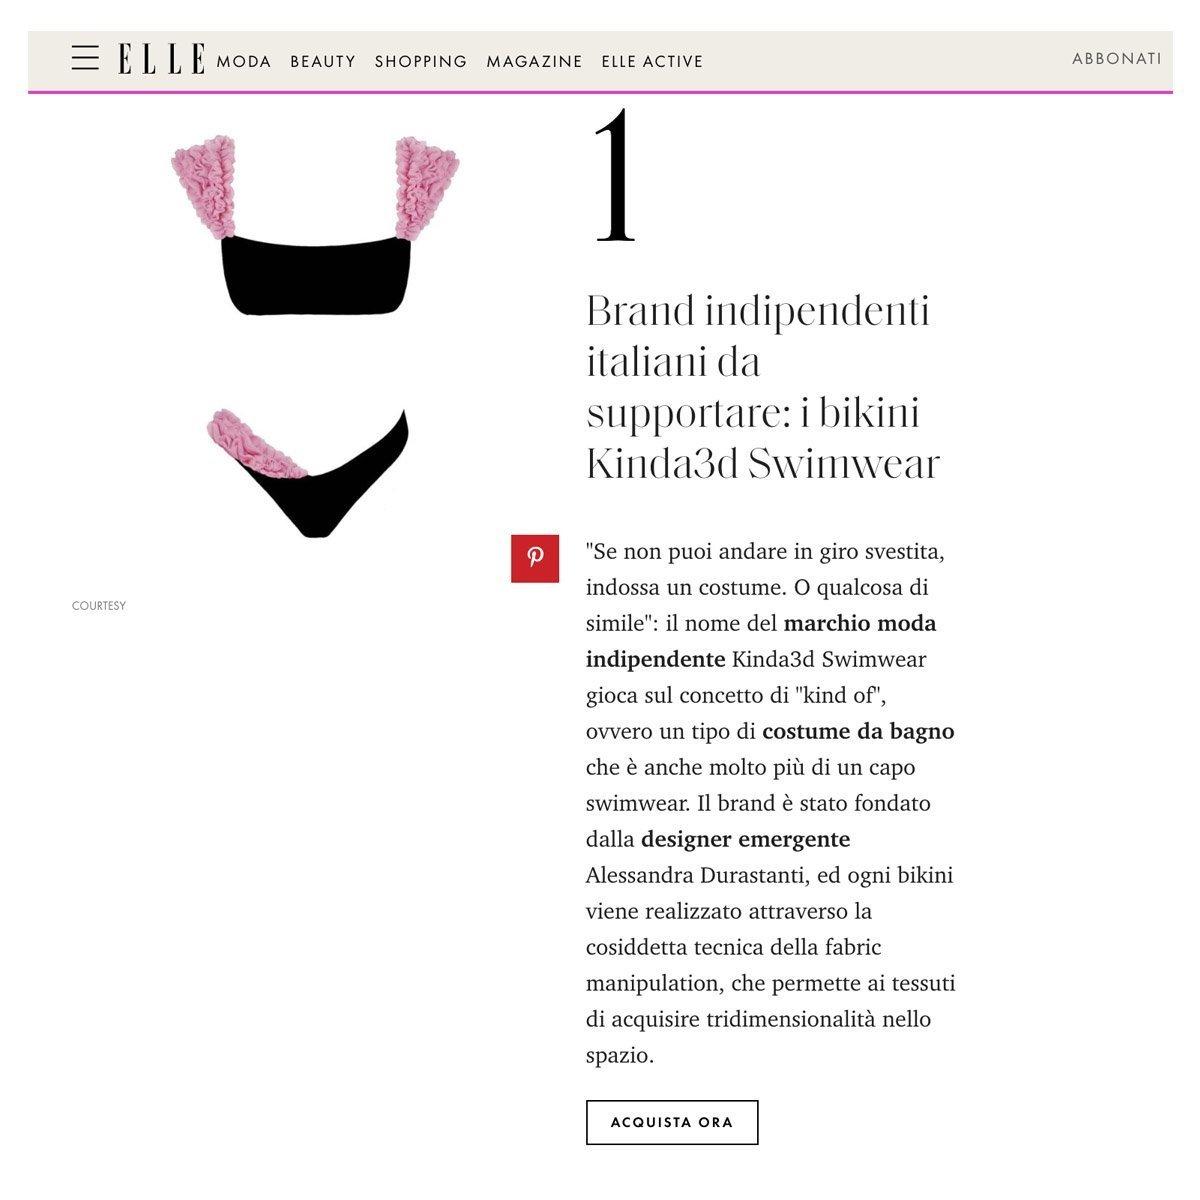 migliori aziende moda italiane best Italian fashion brands best swimwear brands migliori marchi costumi da bagno made in italy elle italy elle.it best Italian brands